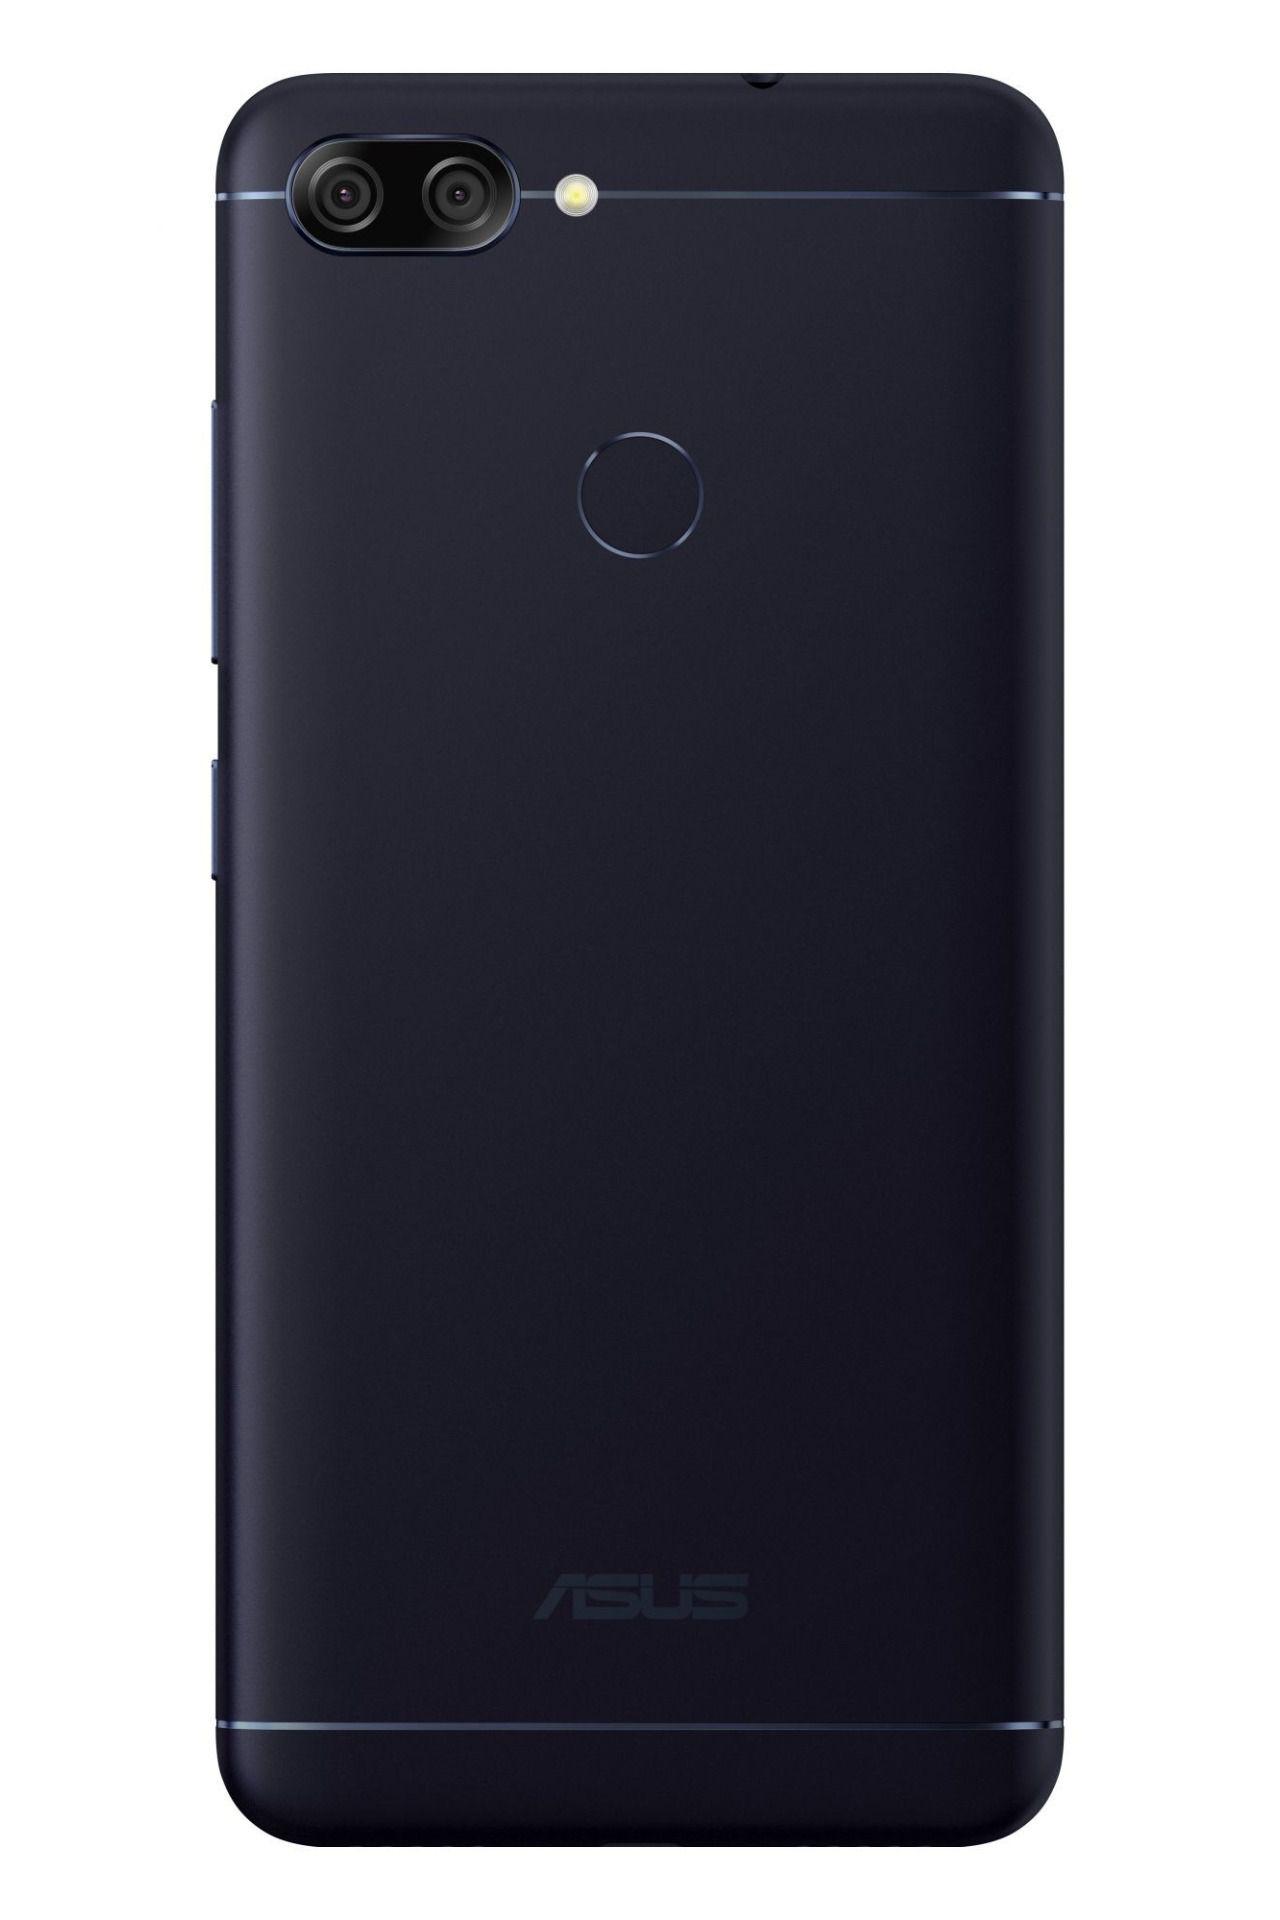 ZenFone Max Pro, el ultimo smartphone de Asus | Imagenacion